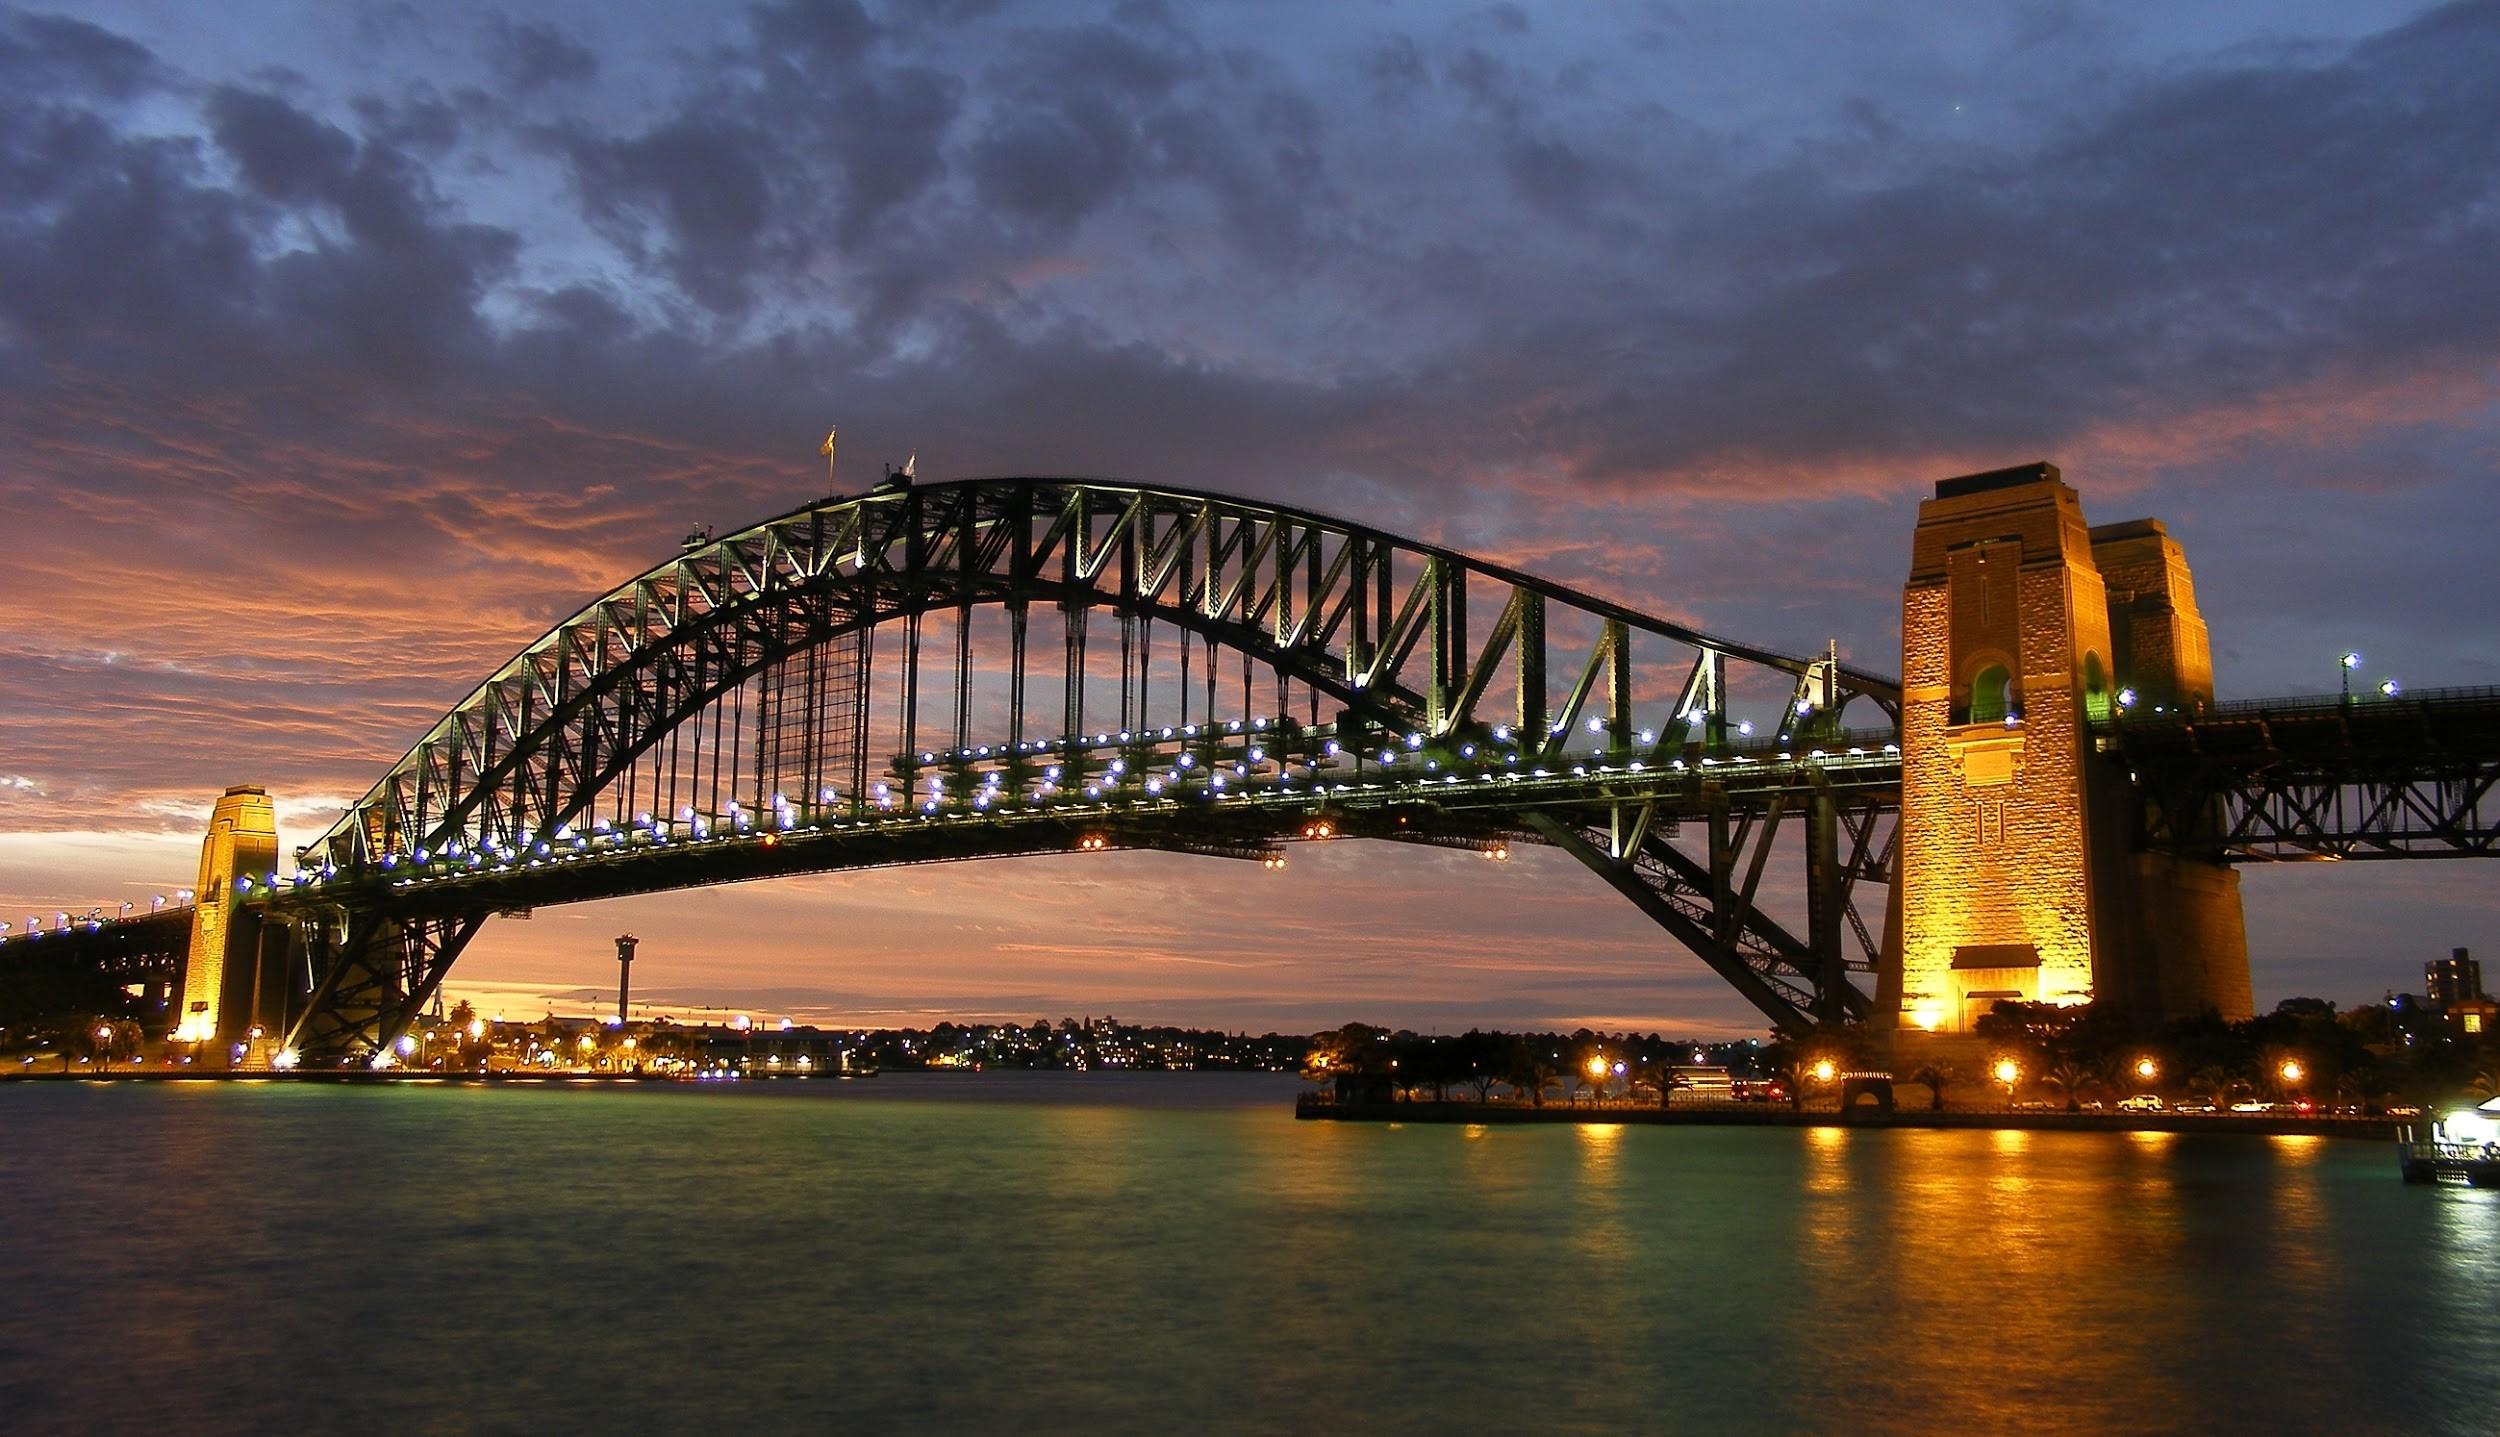 Sydney Bridge